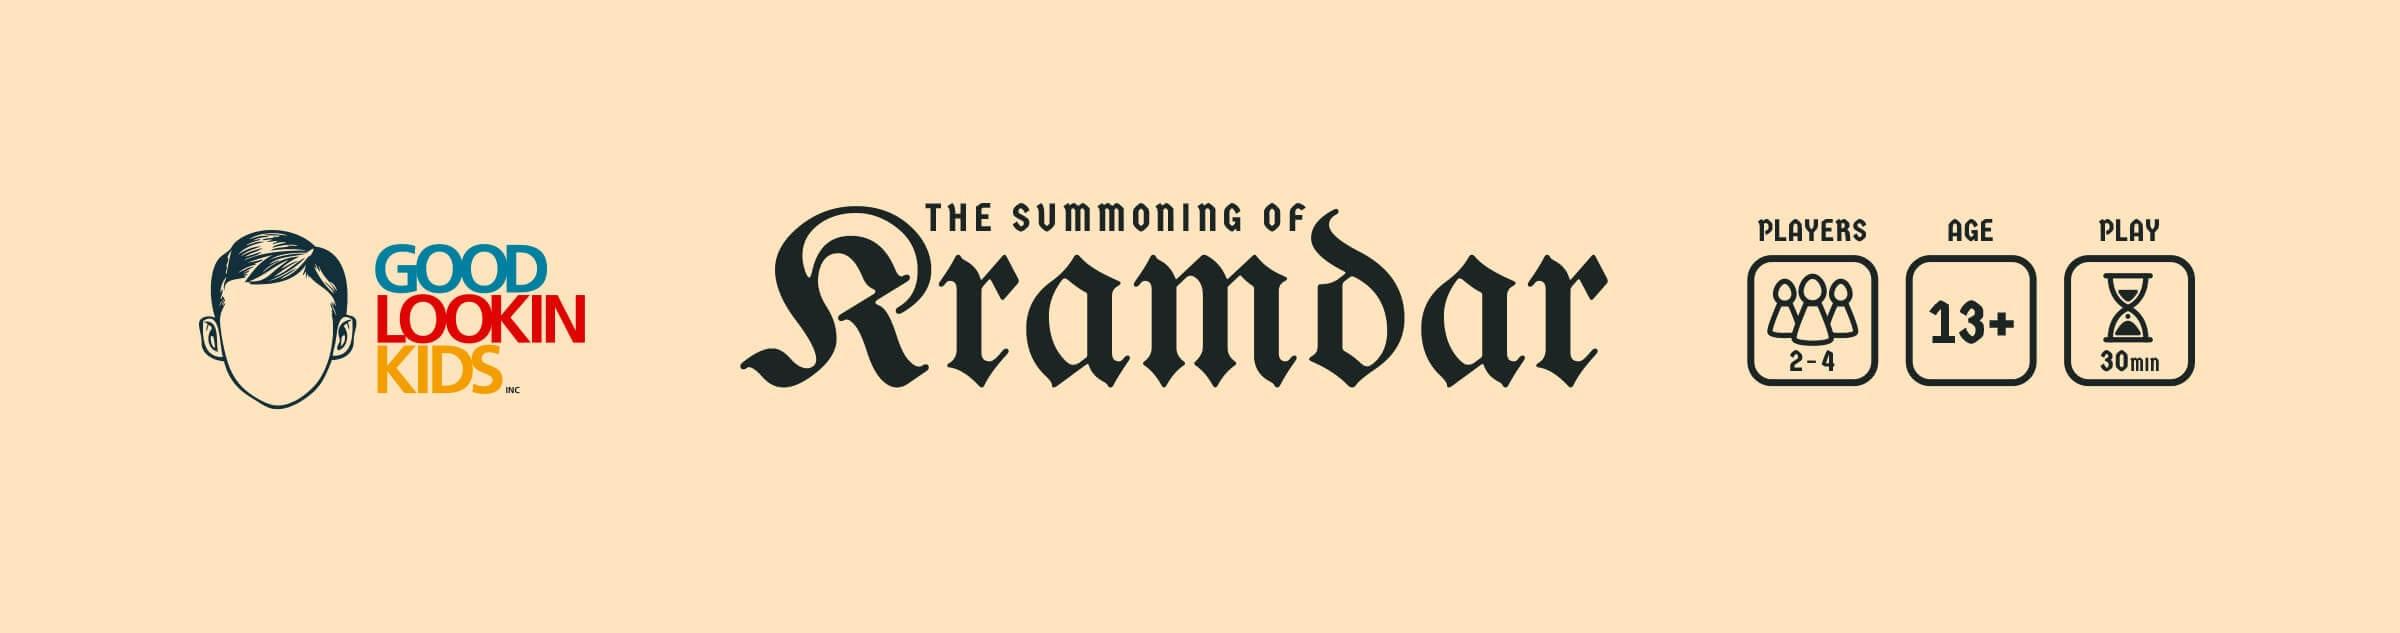 The Summoning of Kramdar